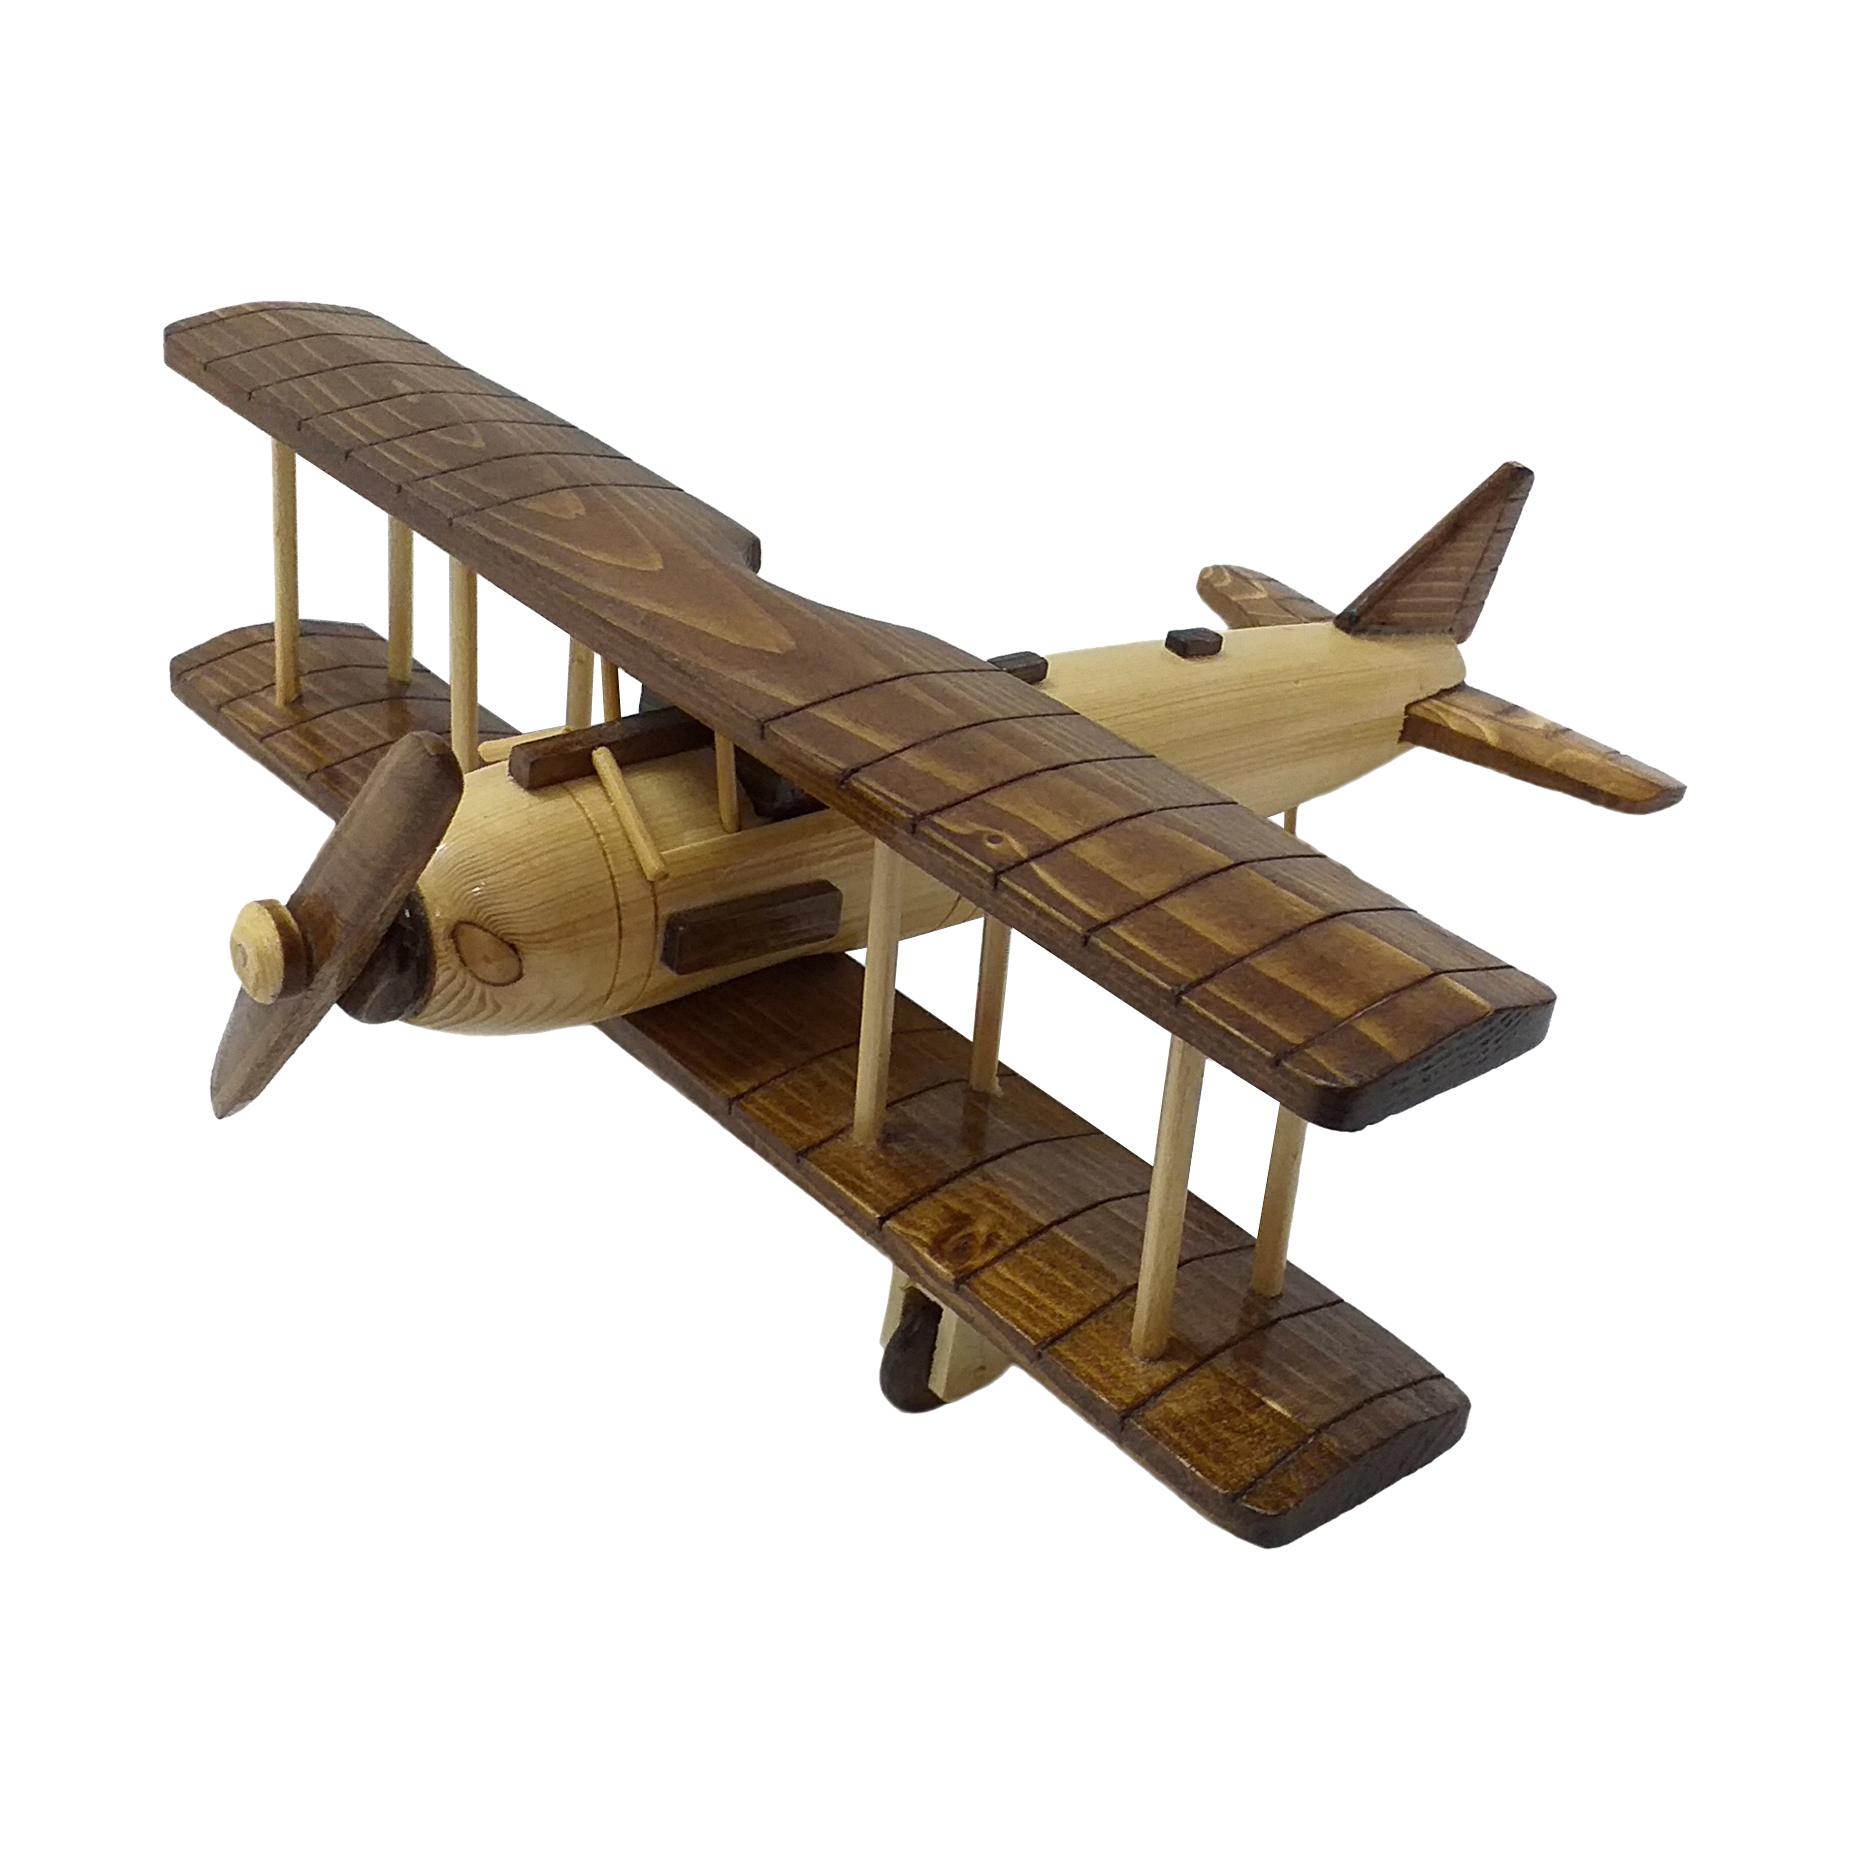 اسباب بازی چوبین هنر مدل هواپیمای دو بال کد 2120